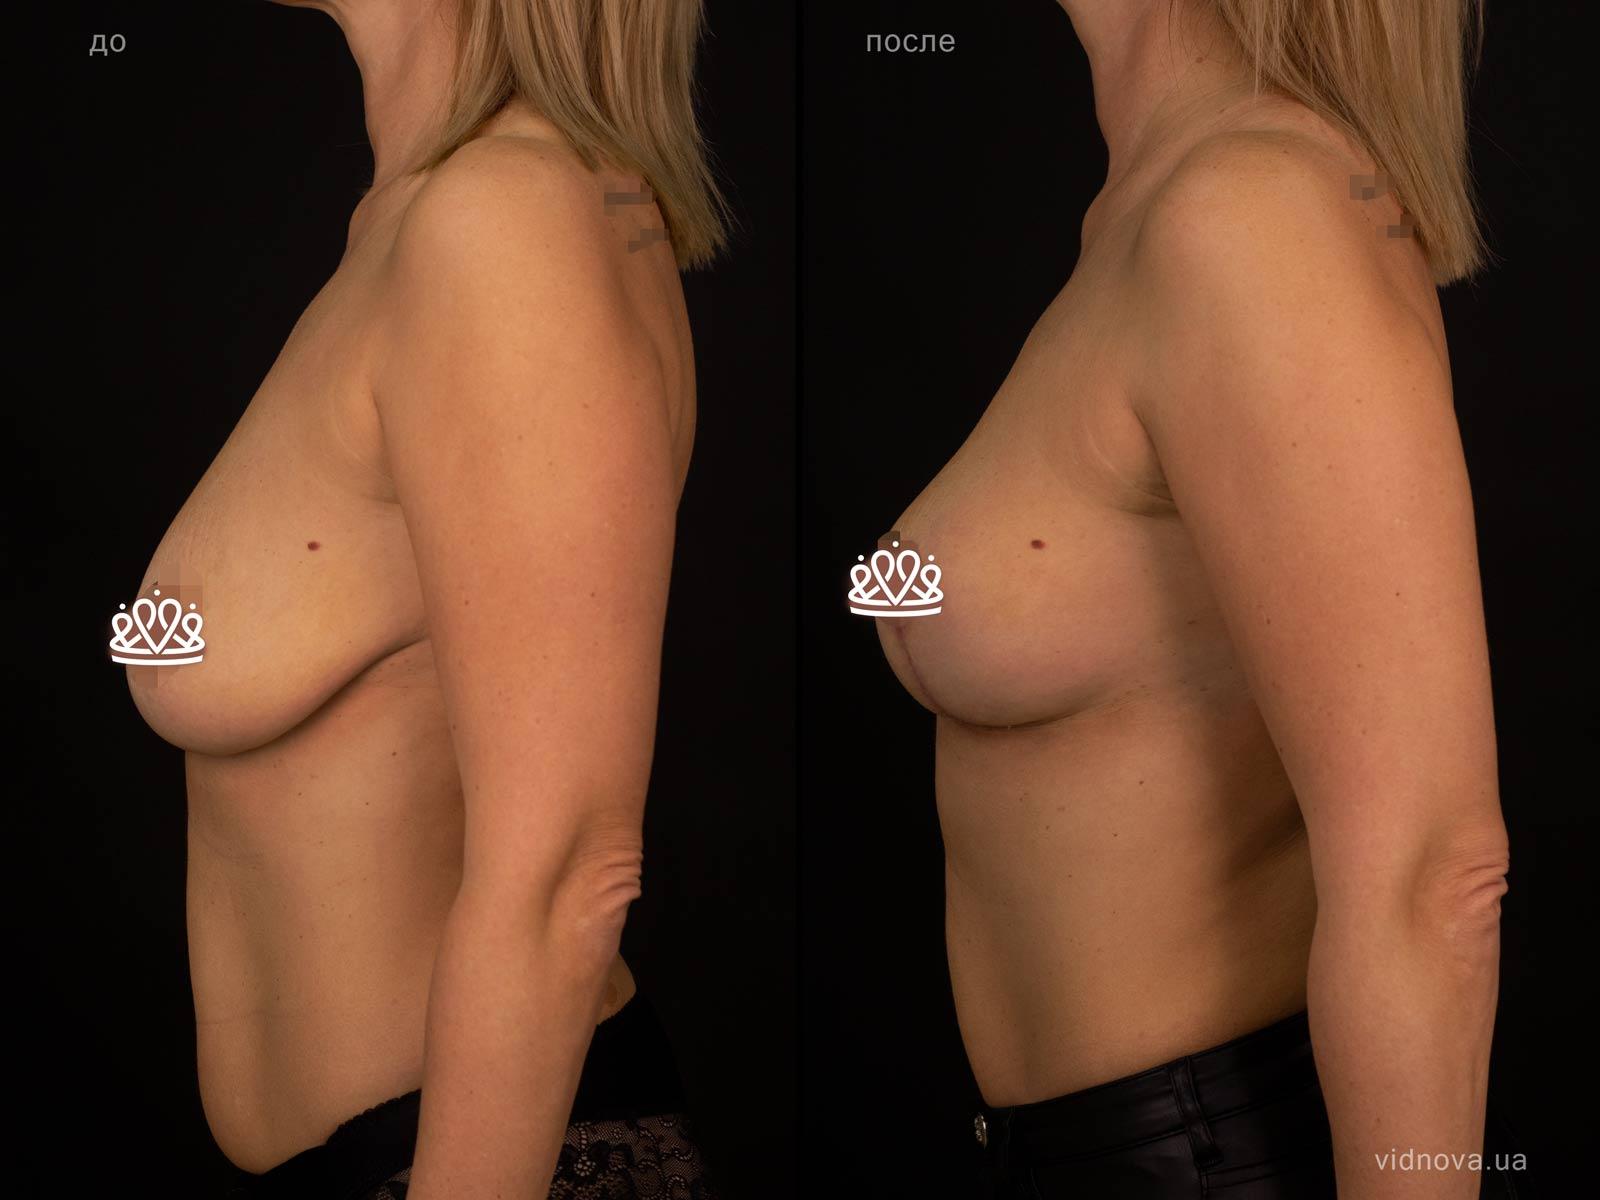 Пластика груди: результаты до и после - Пример №124-2 - Светлана Работенко